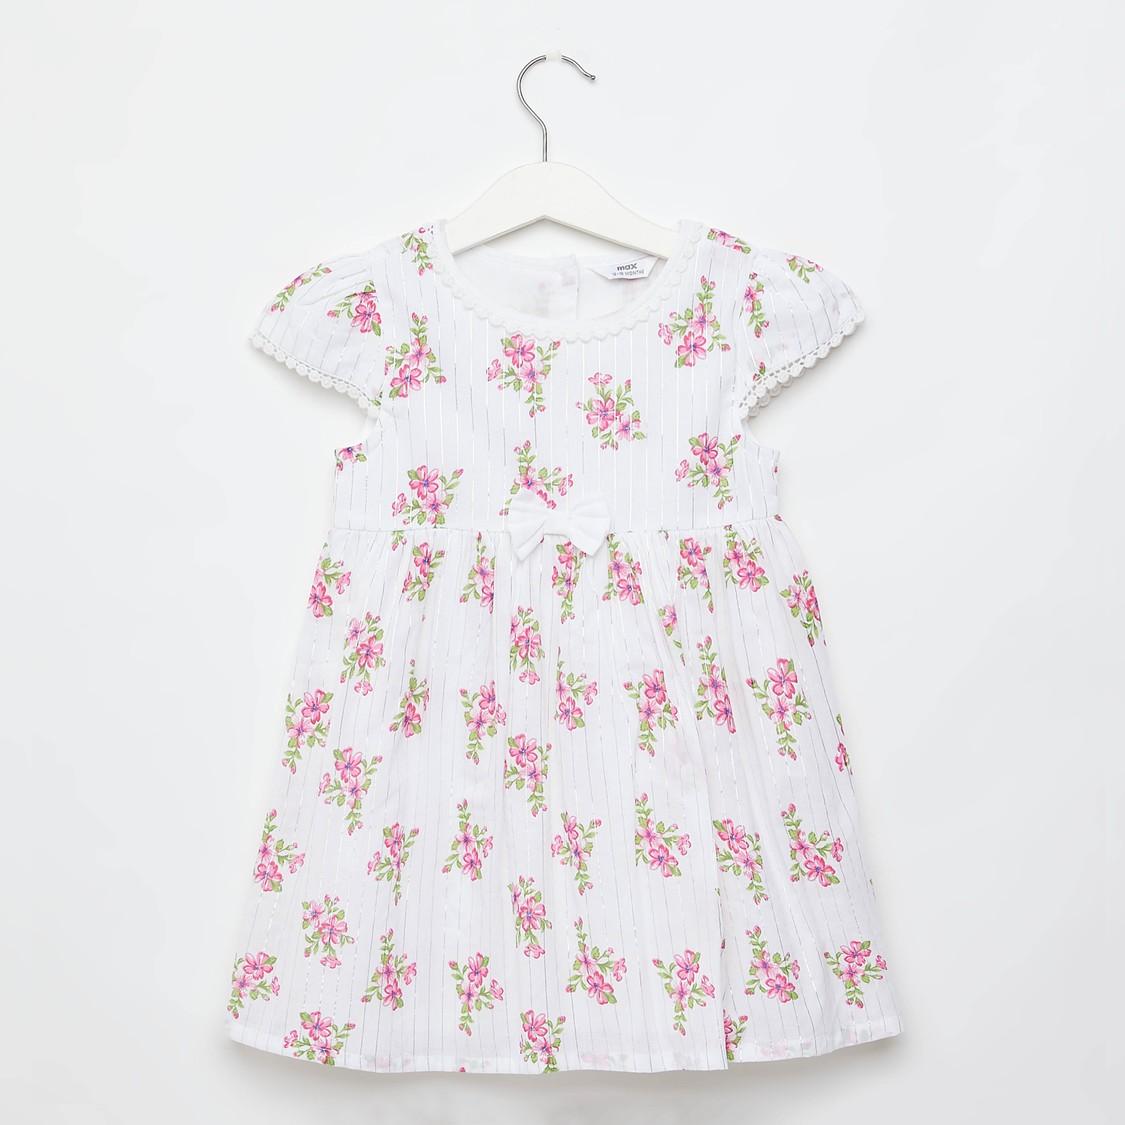 فستان بتفاصيل دانتيل وأكمام كاب وطبعات أزهار بالكامل